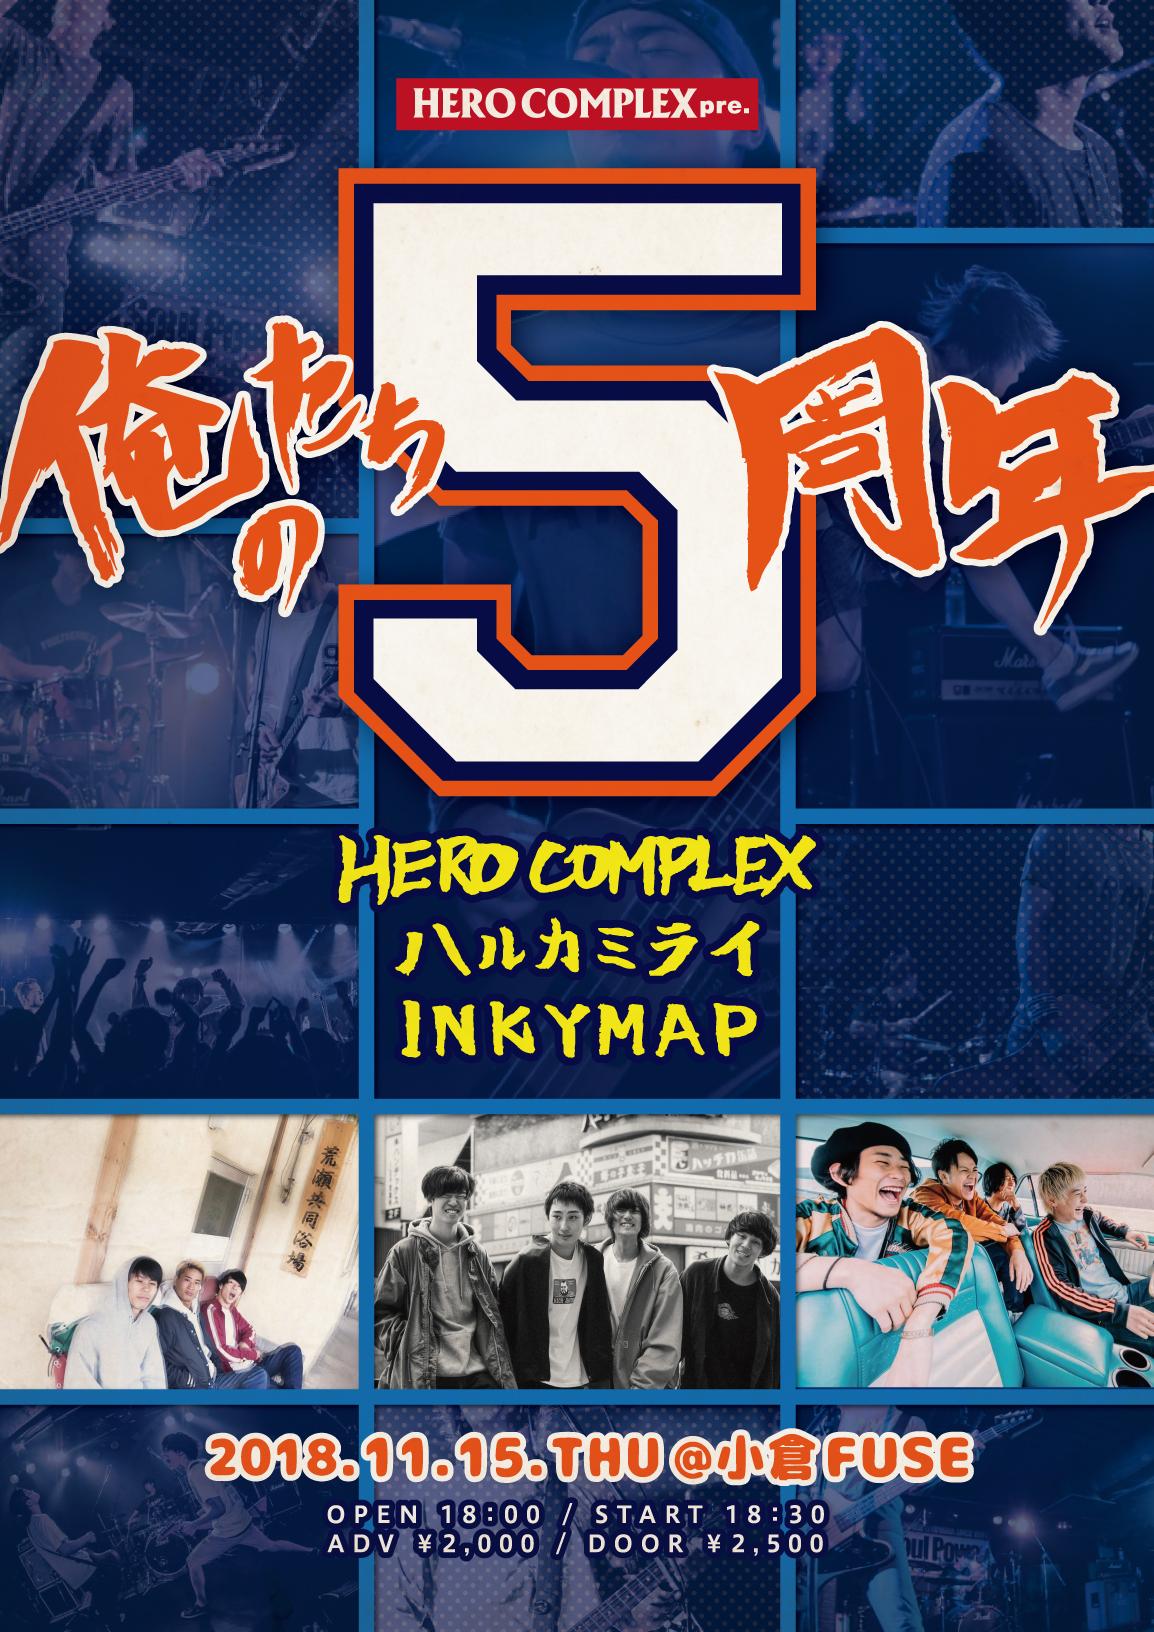 HERO COMPLEX企画「俺たちの5周年」フライヤーデザイン